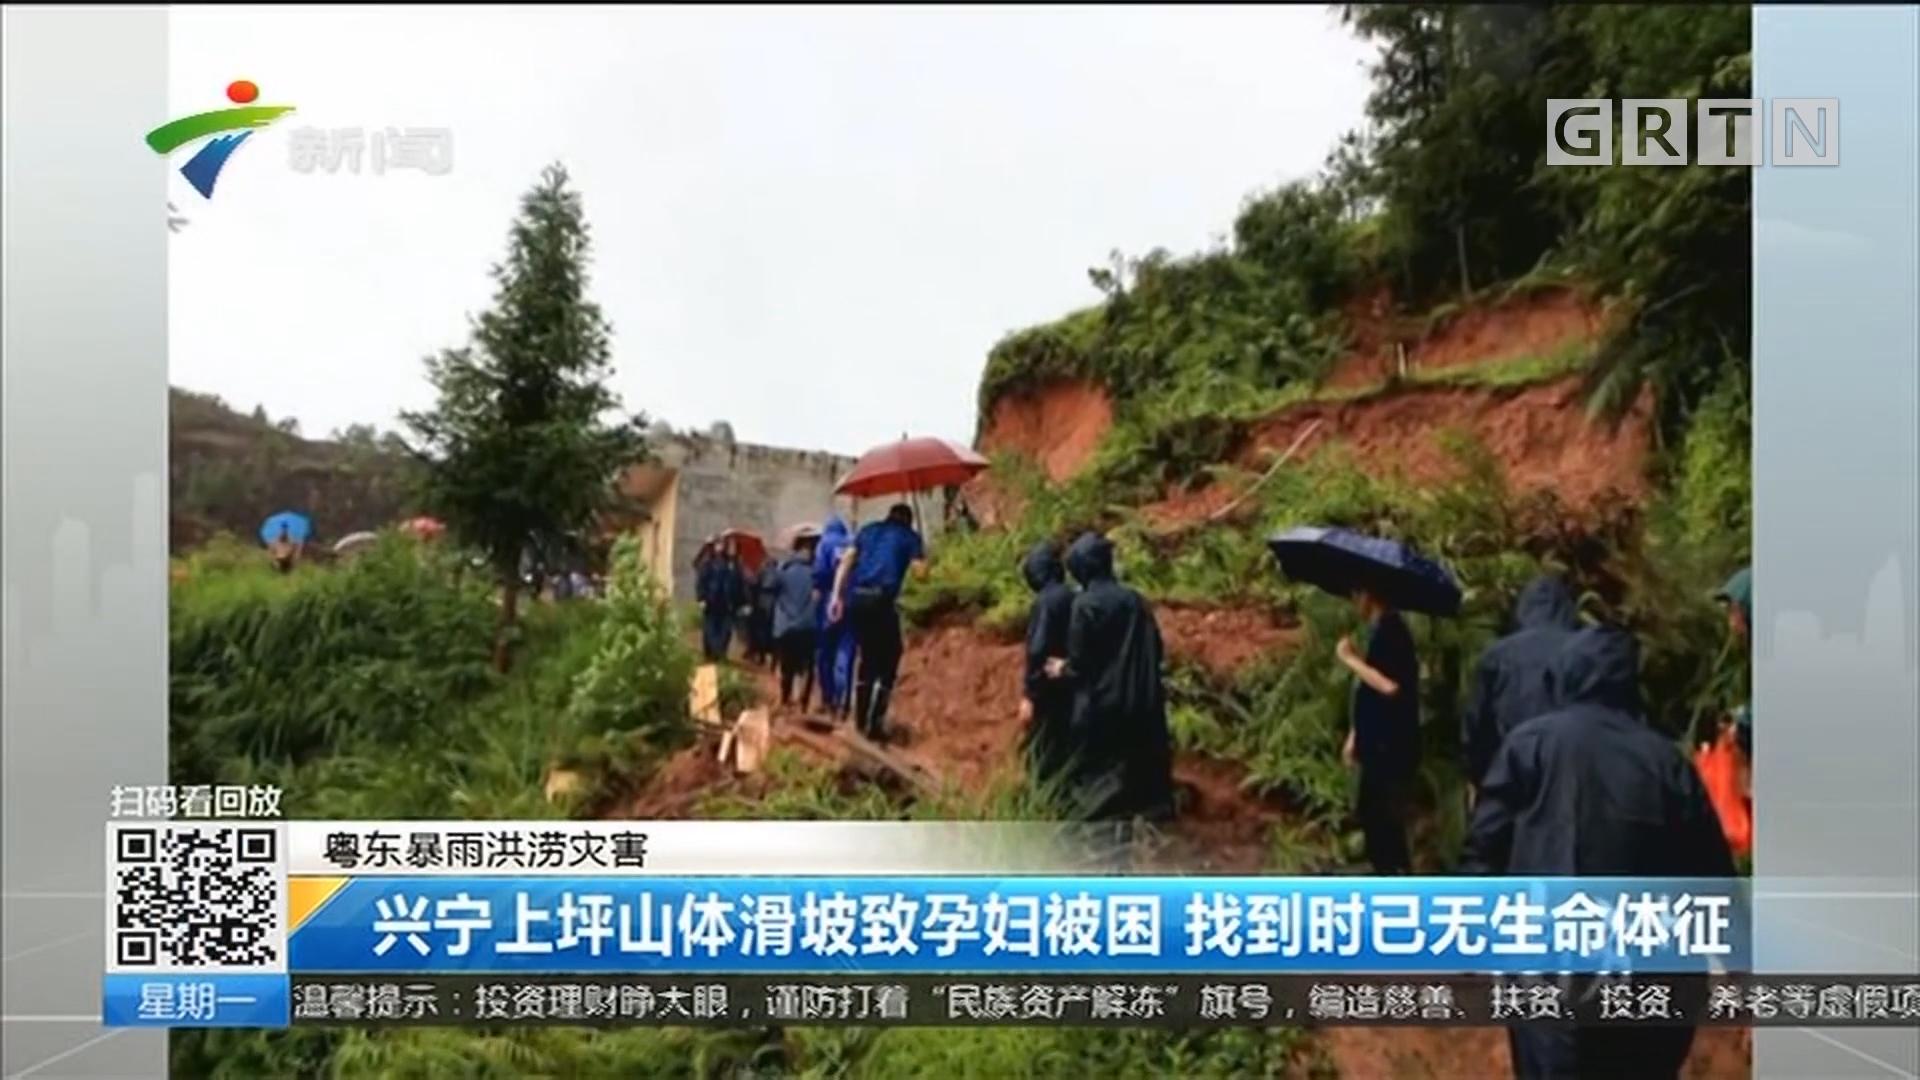 粤东暴雨洪涝灾害:兴宁上坪山体滑坡致孕妇被困 找到时已无生命体征